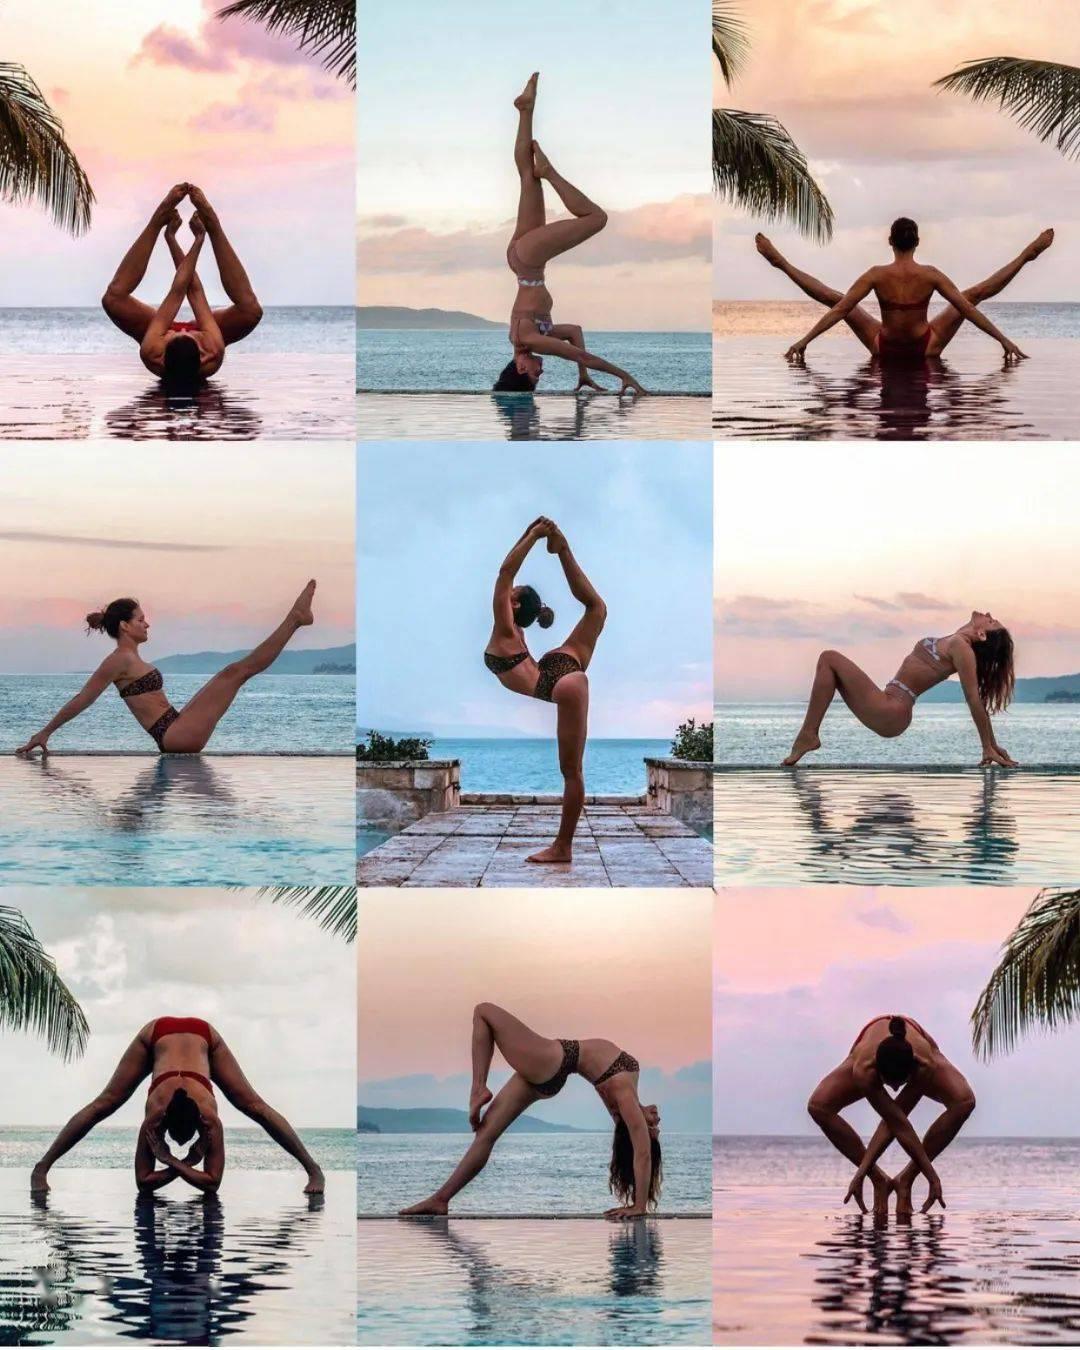 瑜伽网红博主,体式照怎么能拍那么好看?